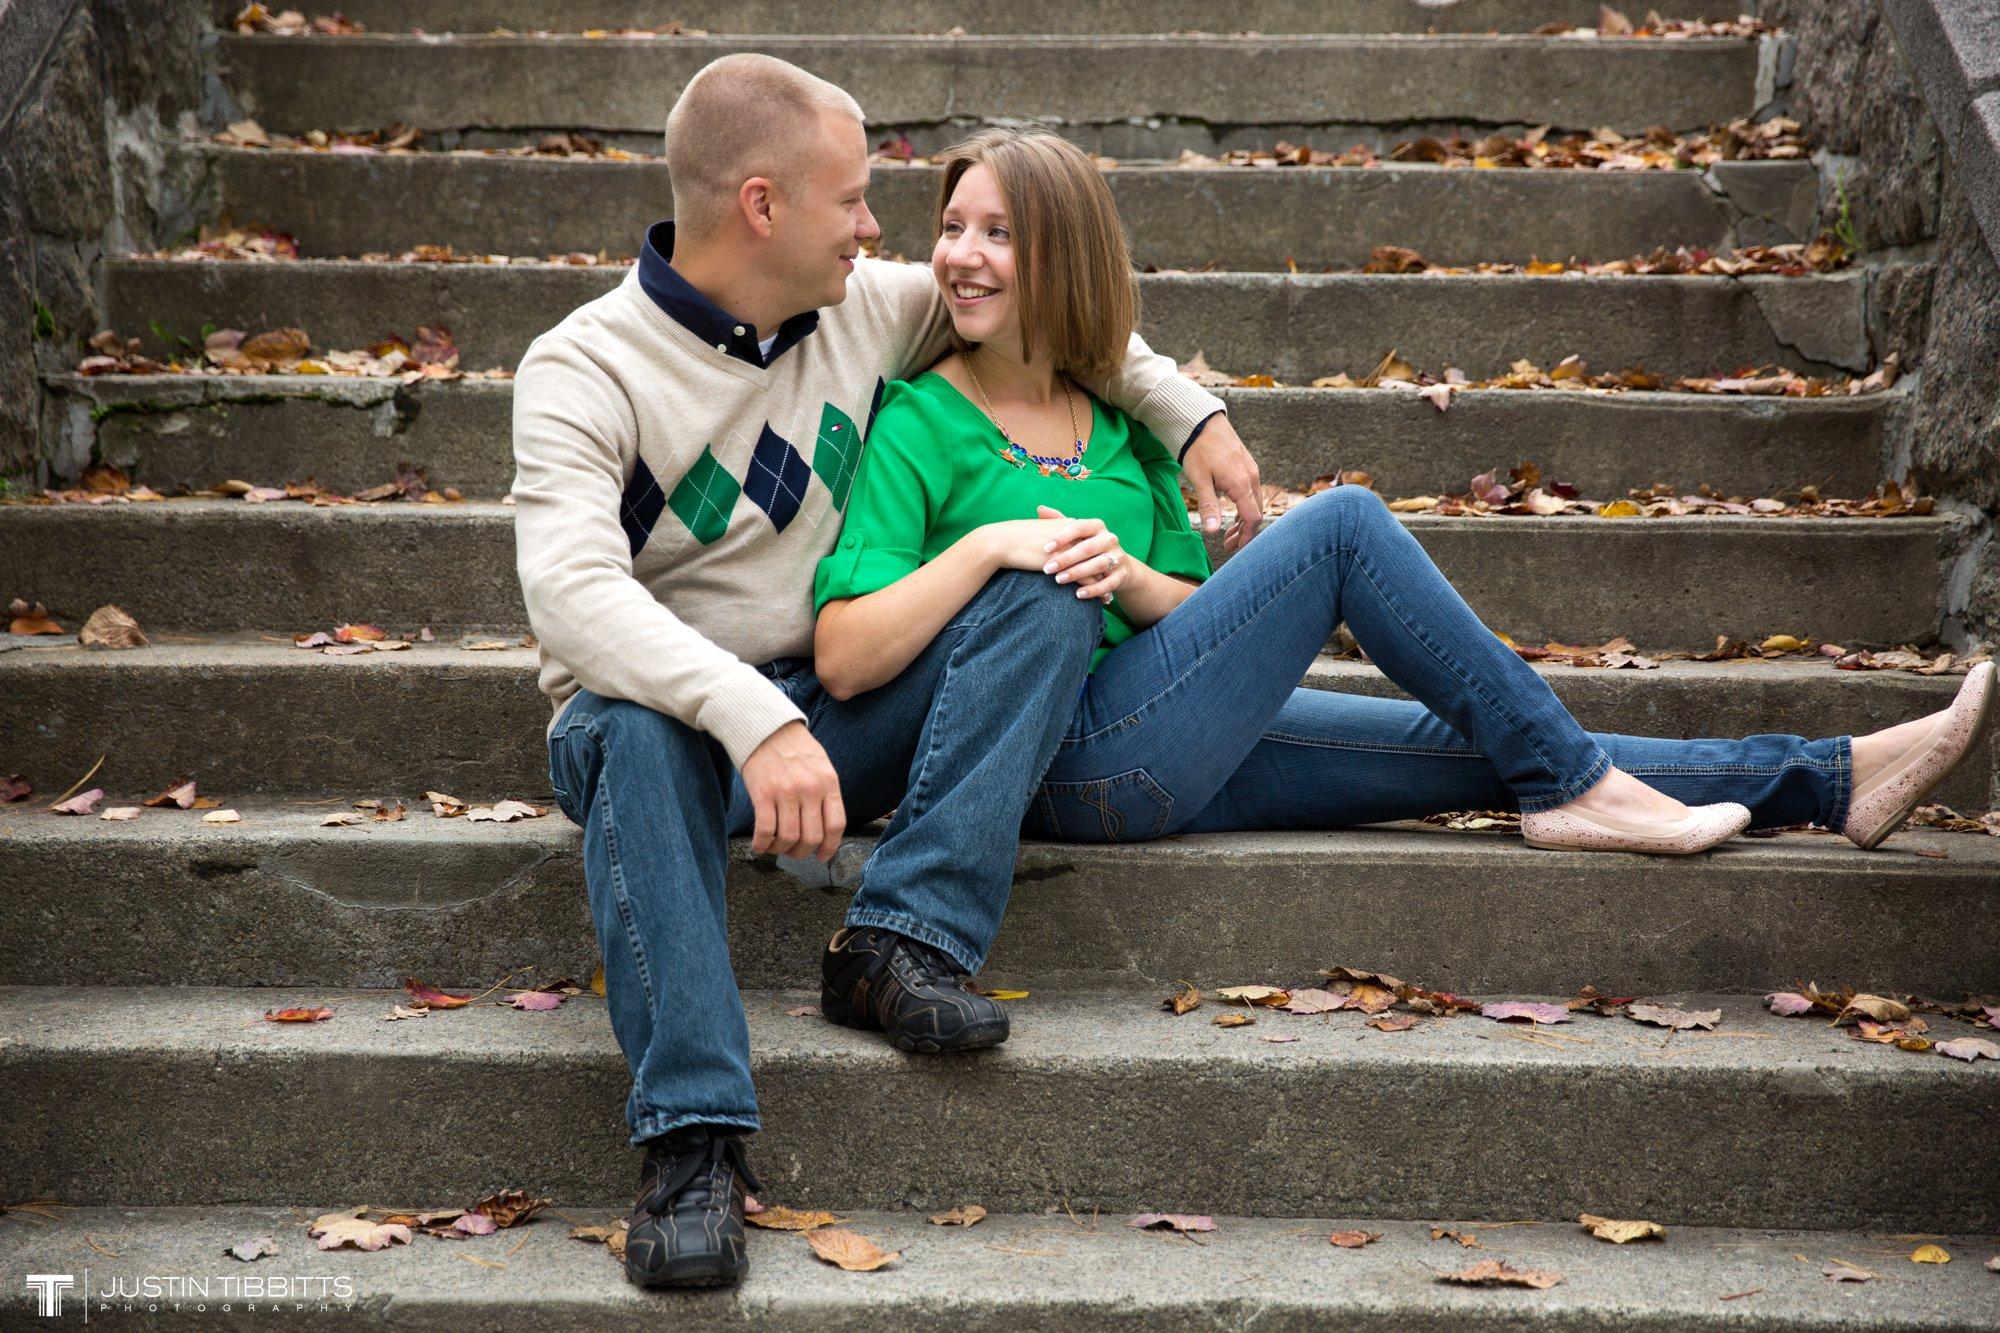 Justin Tibbitts Photography Heather and Stephen Congress Park, Saratoga, NY E-shoot-40